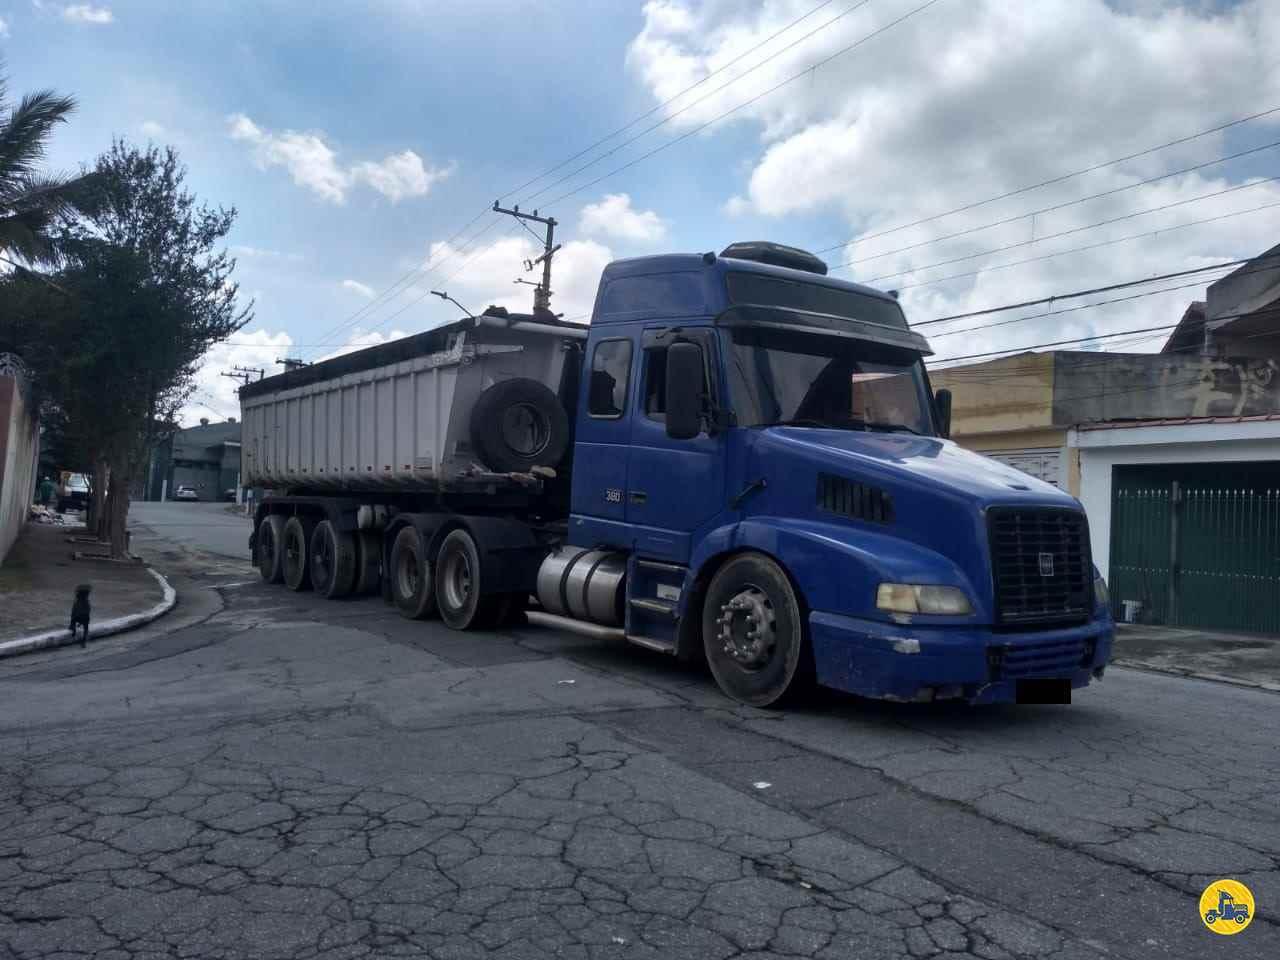 CAMINHAO VOLVO VOLVO FM 380 Cavalo Mecânico Toco 4x2 Wilson Caminhões RIBEIRAO PIRES SÃO PAULO SP